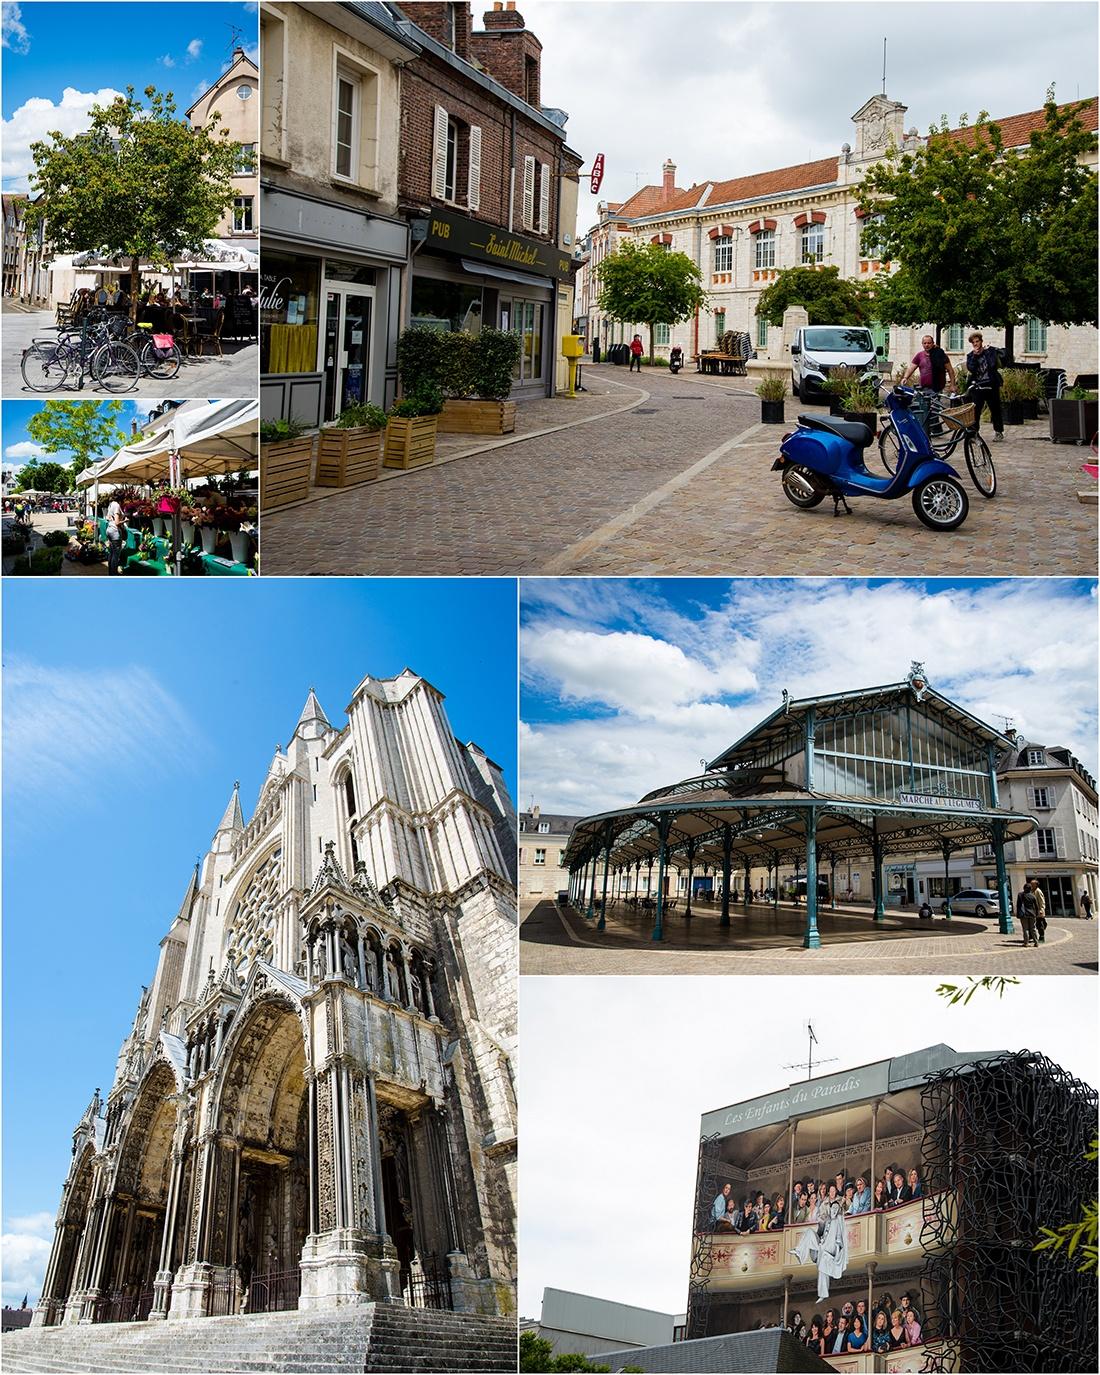 que voir à Chartres : cathédrale de Chartres